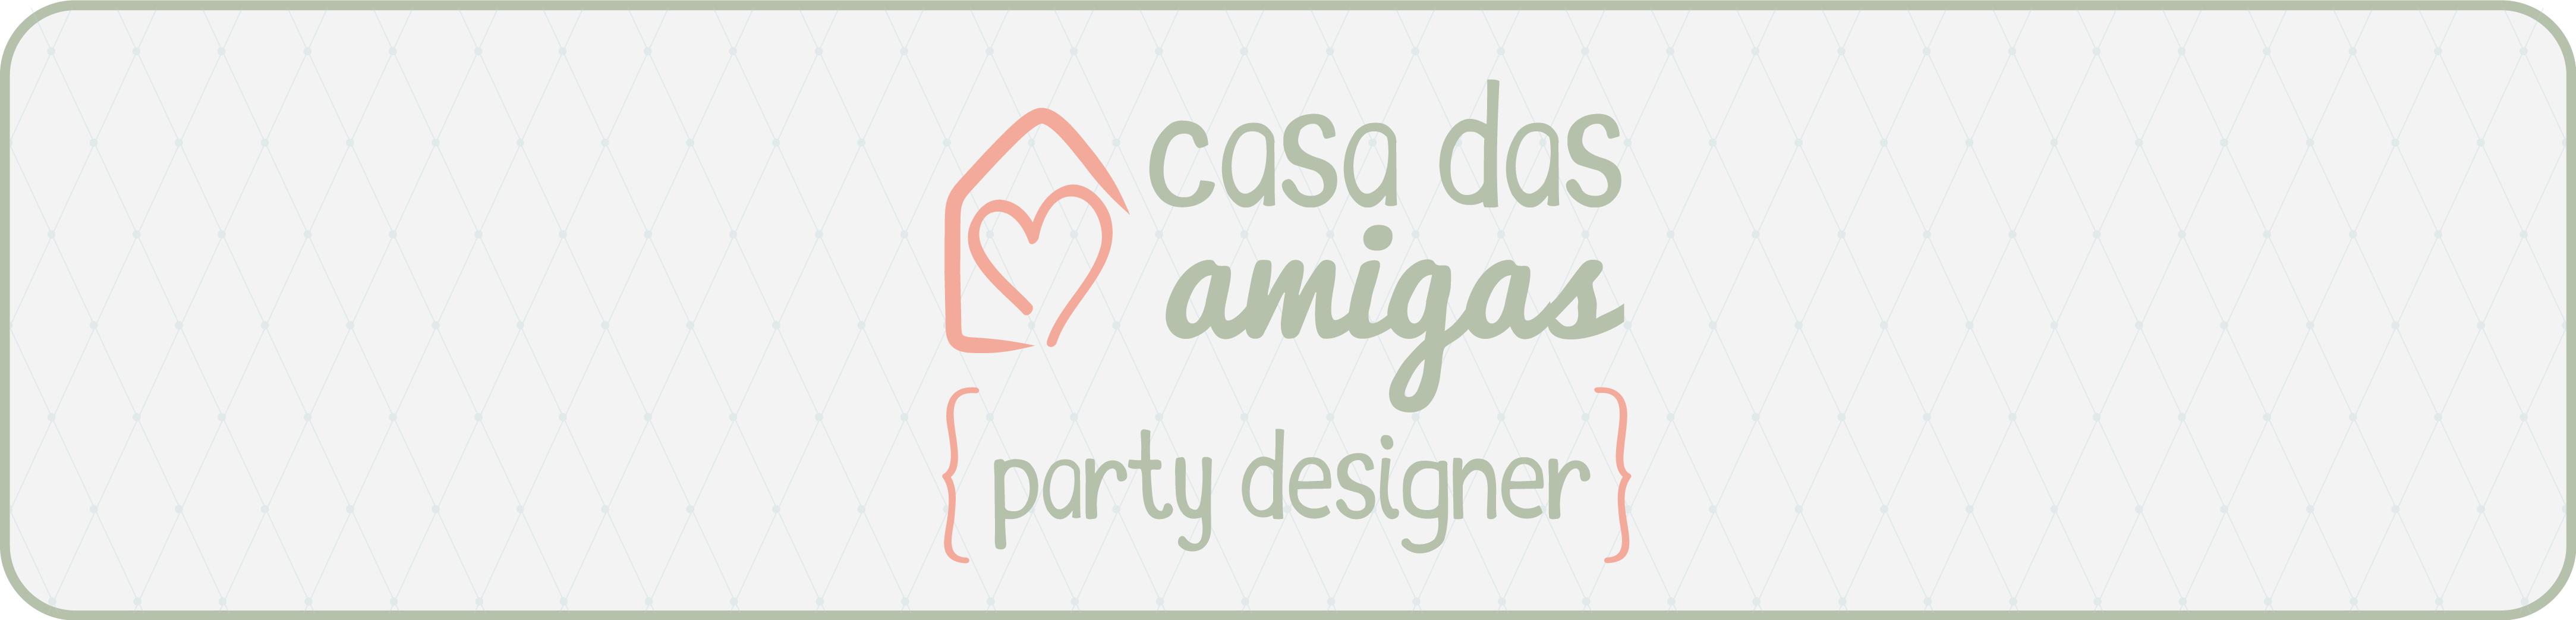 partydesigner-04